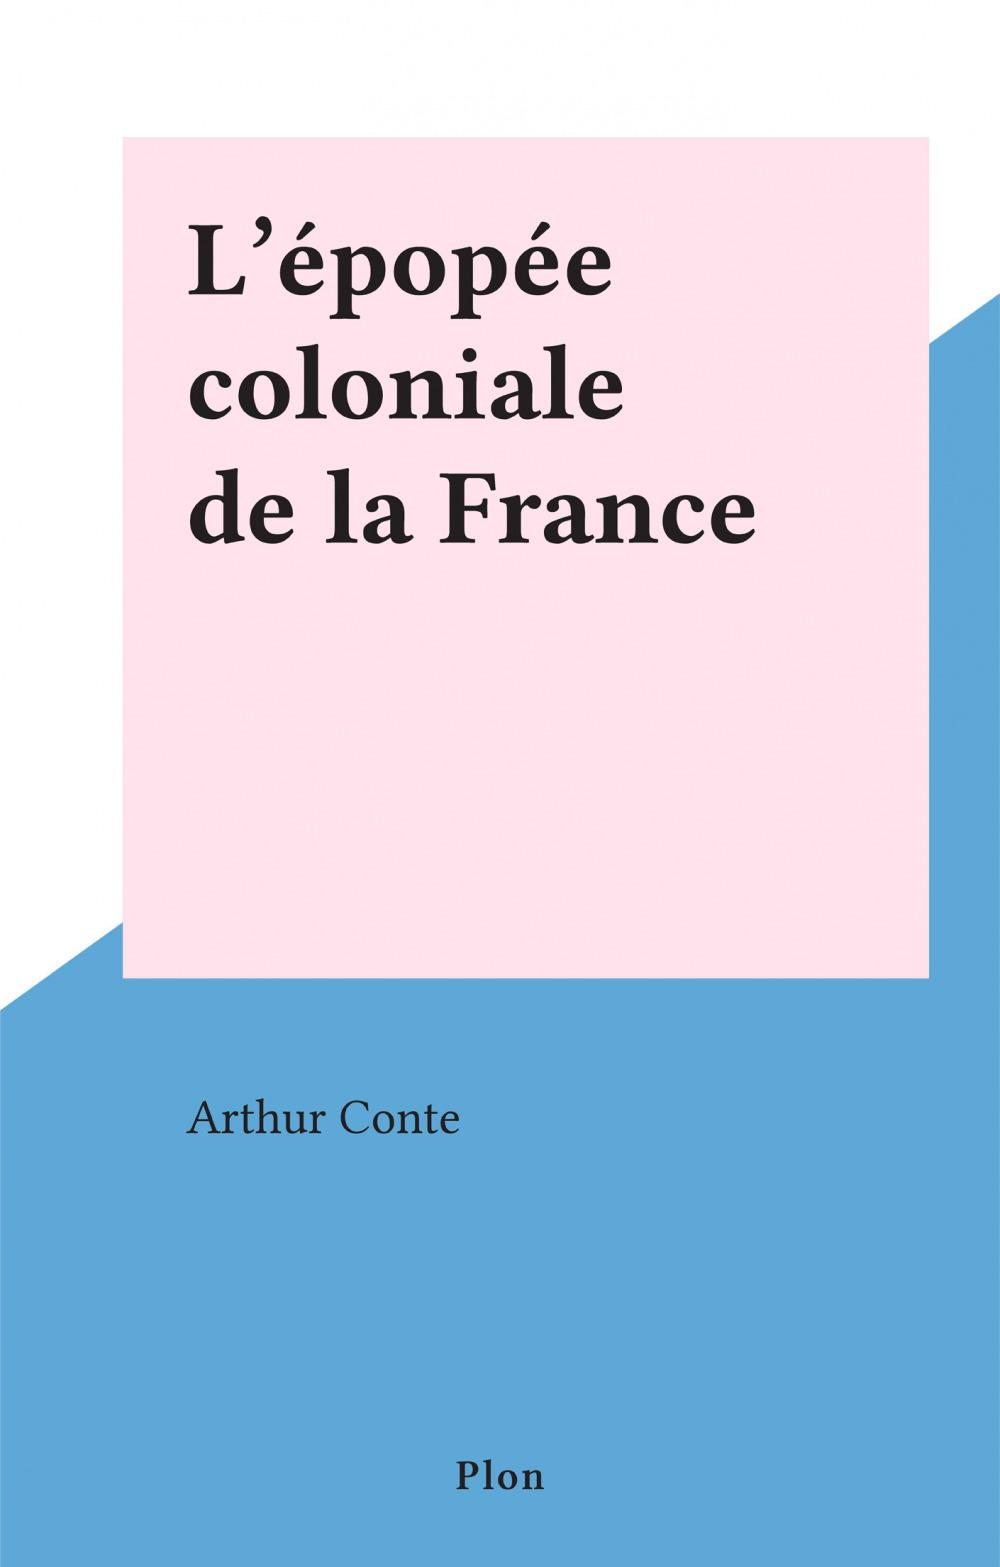 L'épopée coloniale de la France